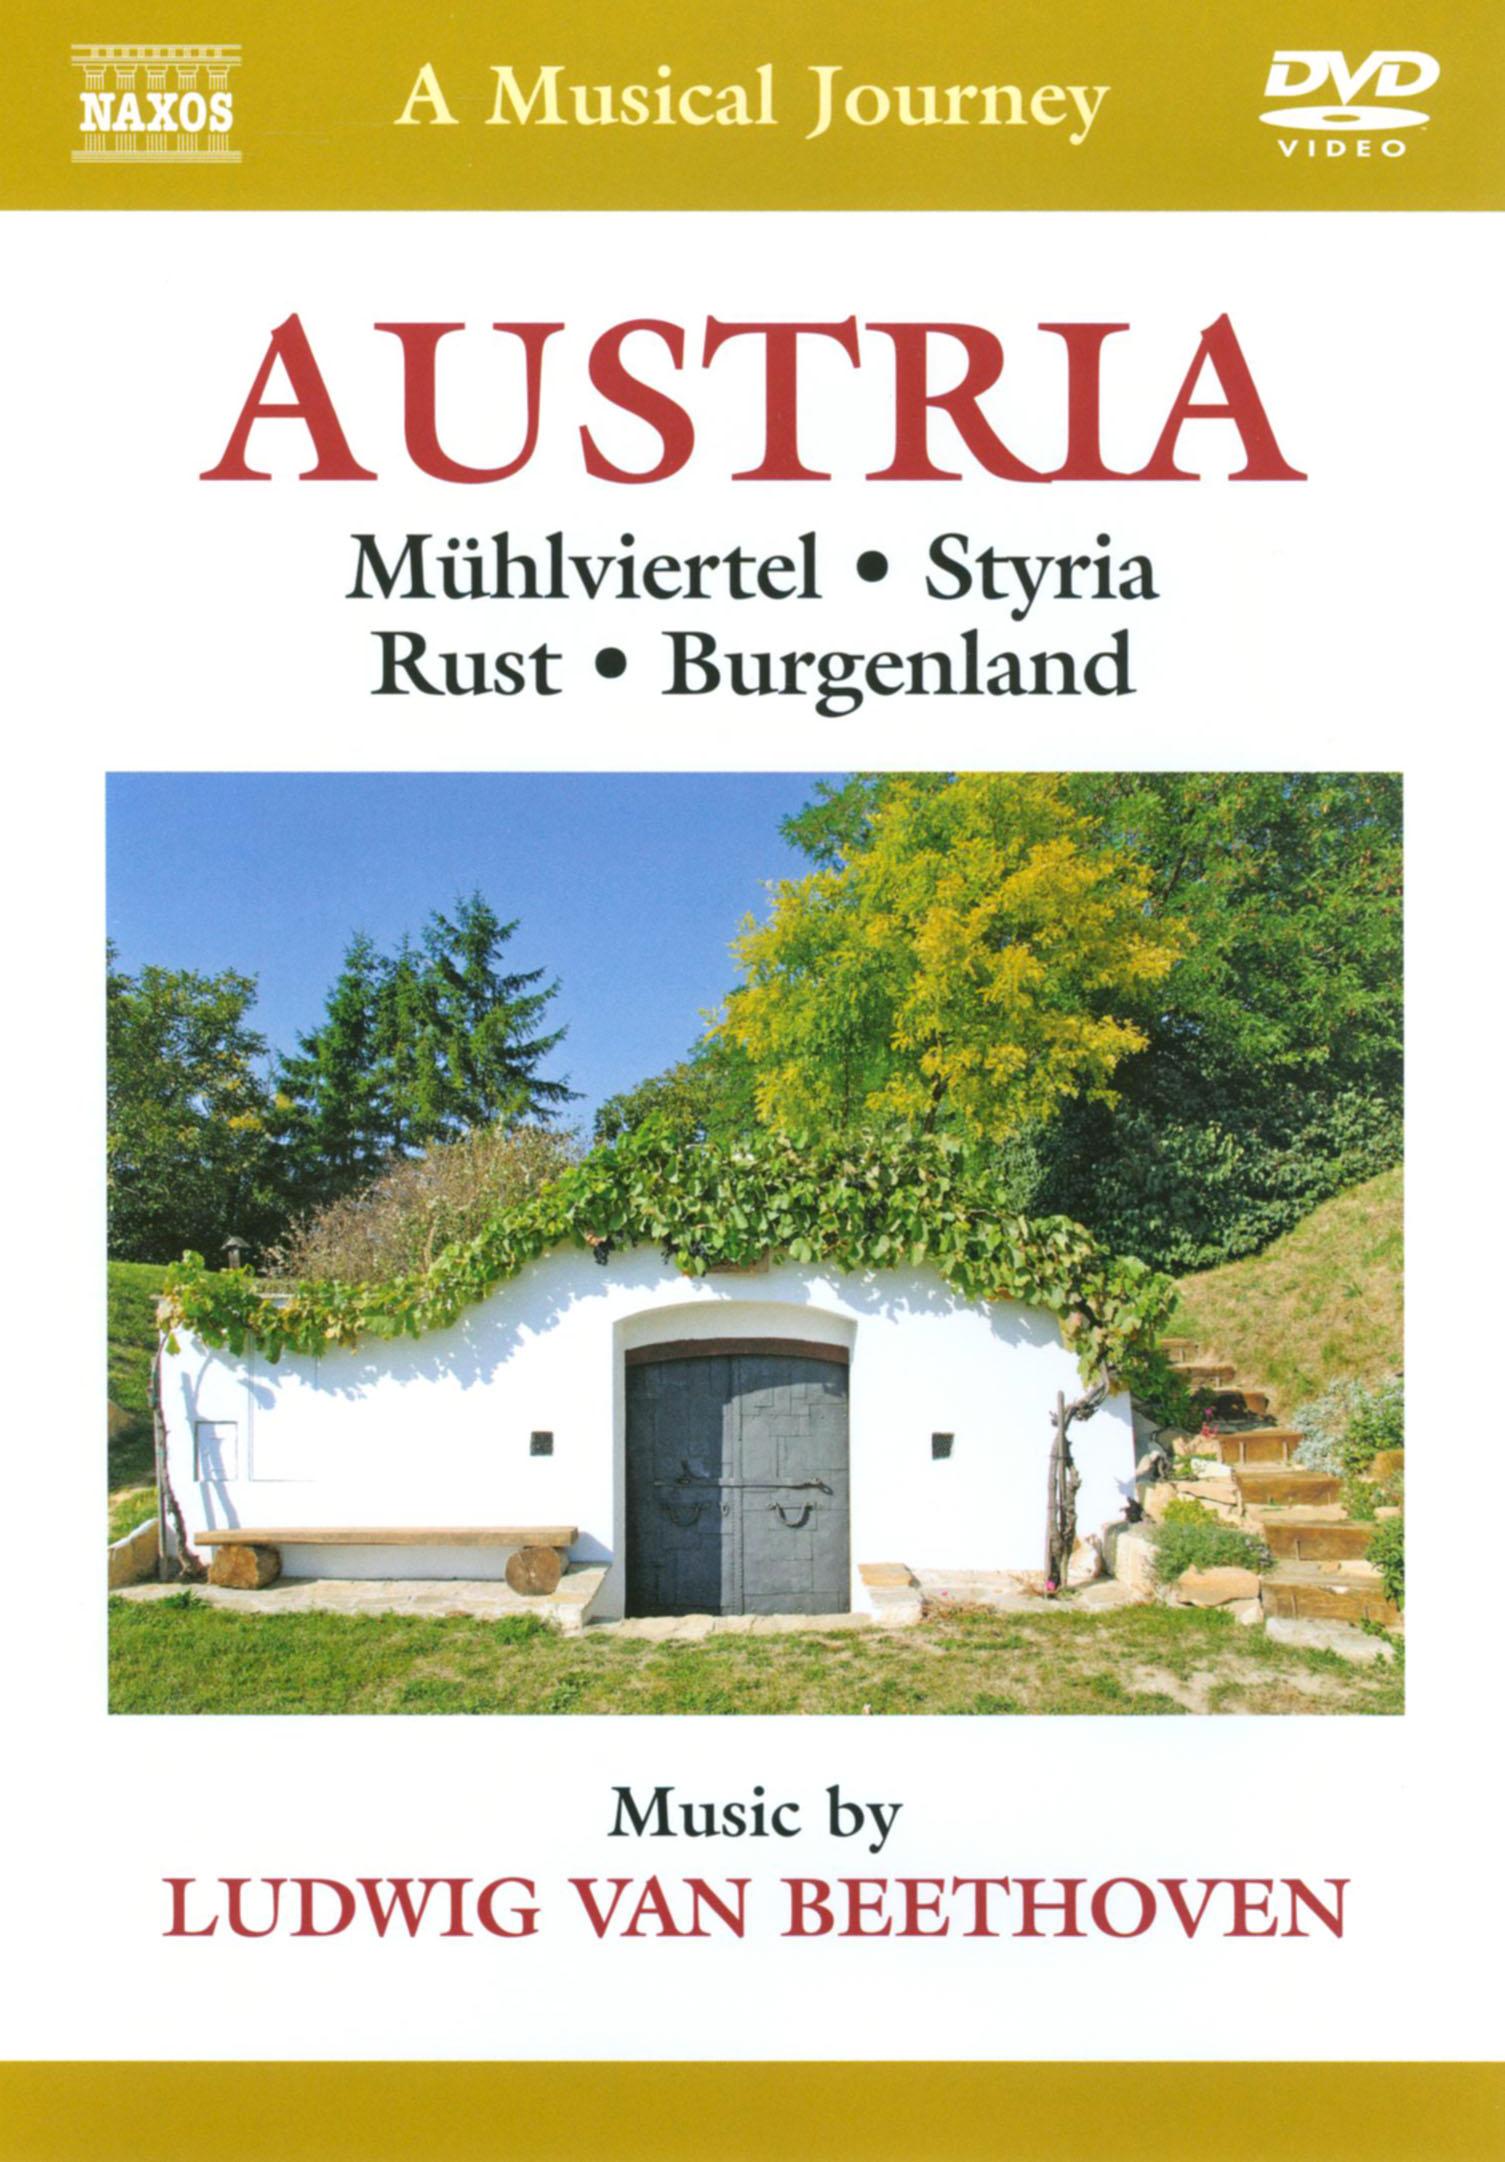 A Musical Journey: Austria - Mühlviertel/Styria/Rust/Burgenland